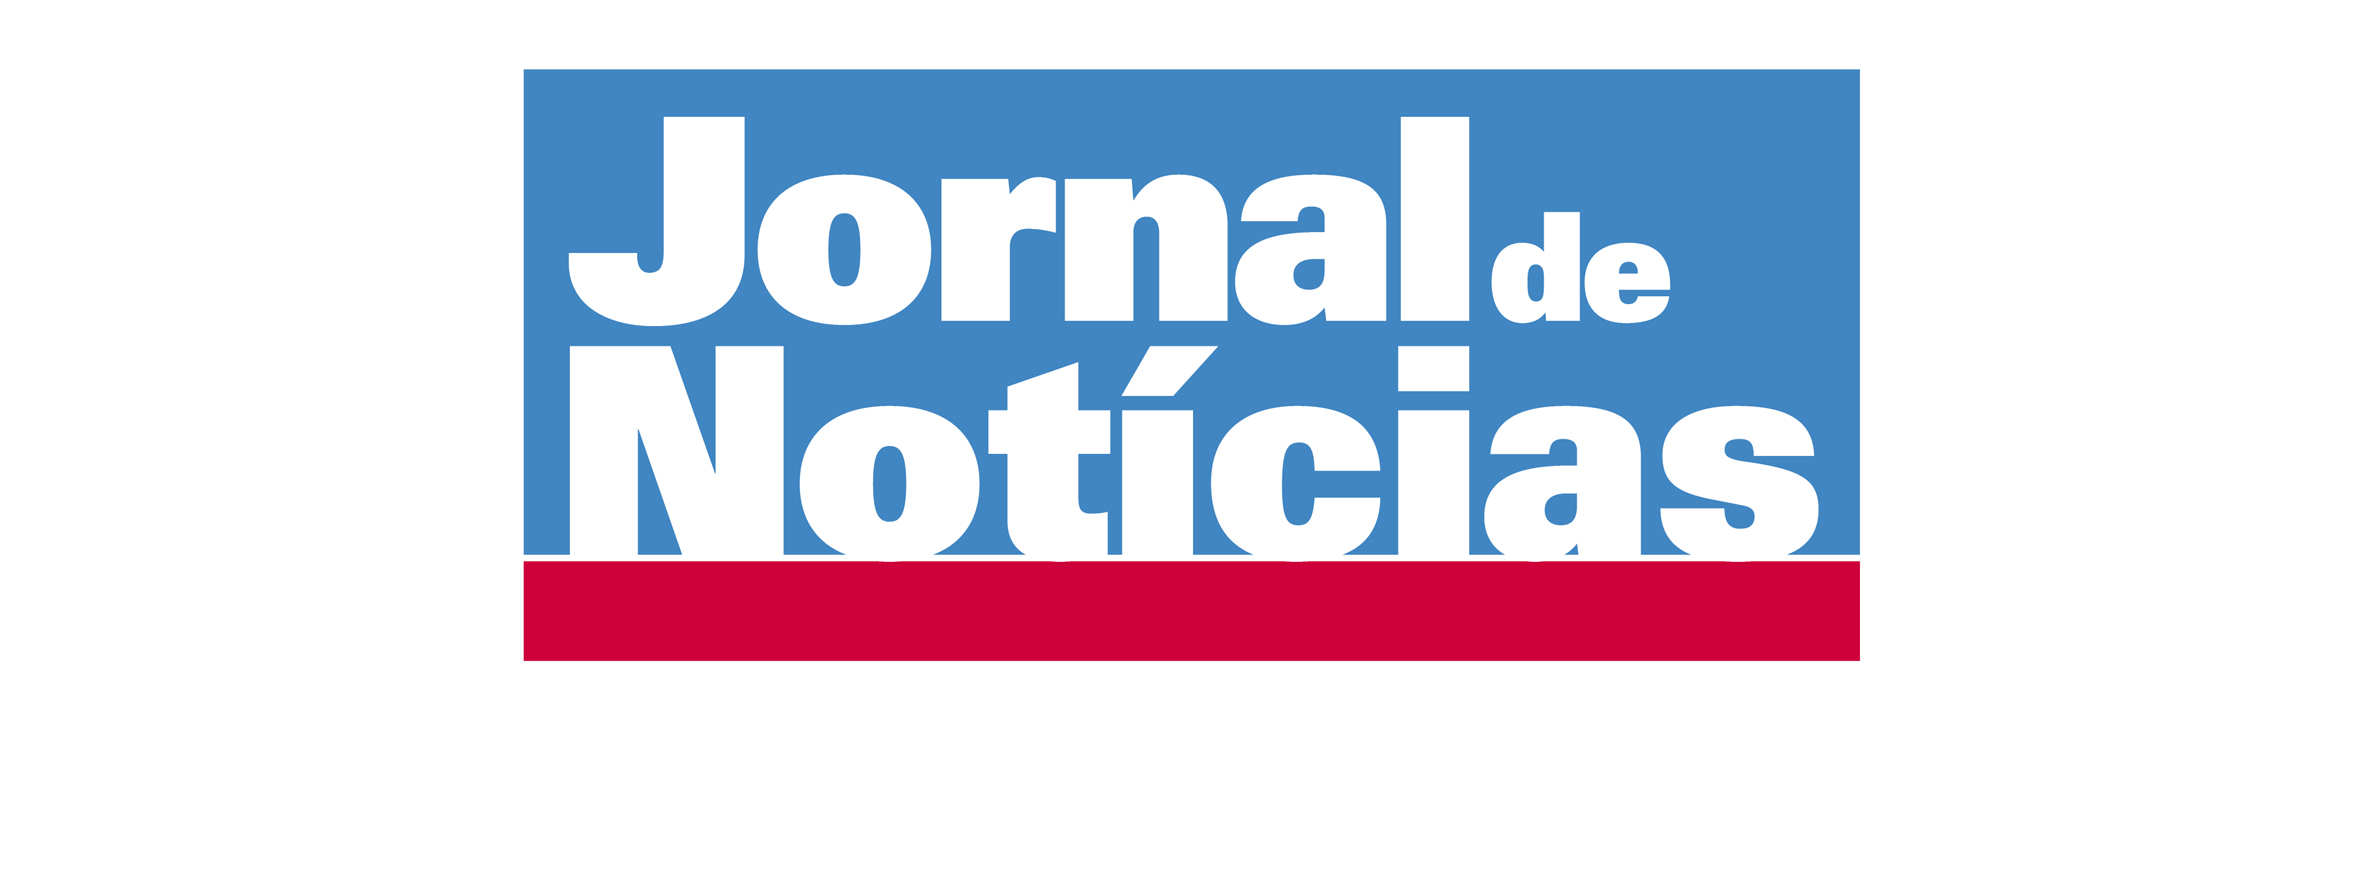 Informação do marketing do Jornal de Notícias